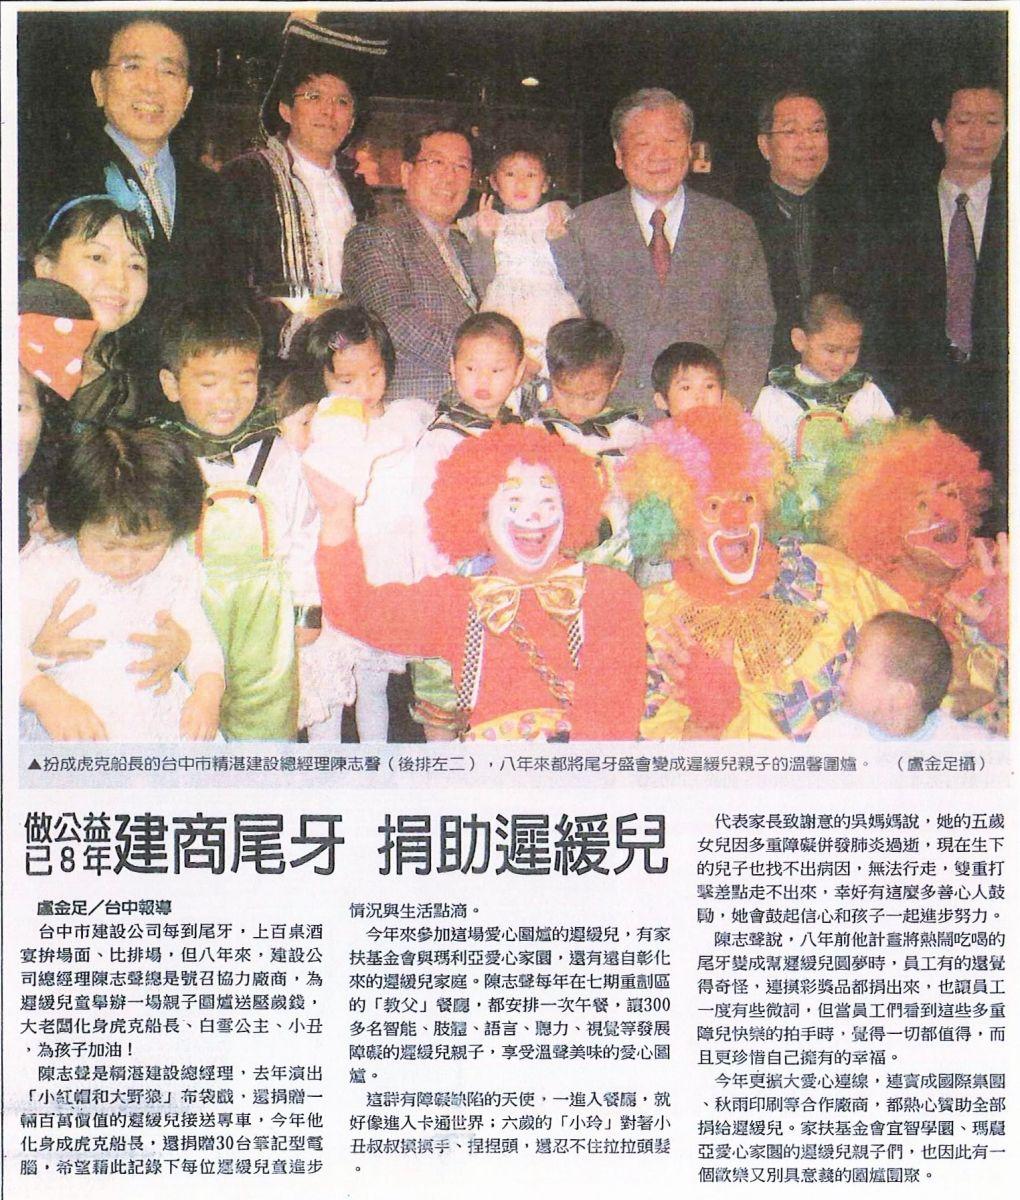 20070118 中國時報_做公益巳8年 建商尾牙 捐助遲緩兒